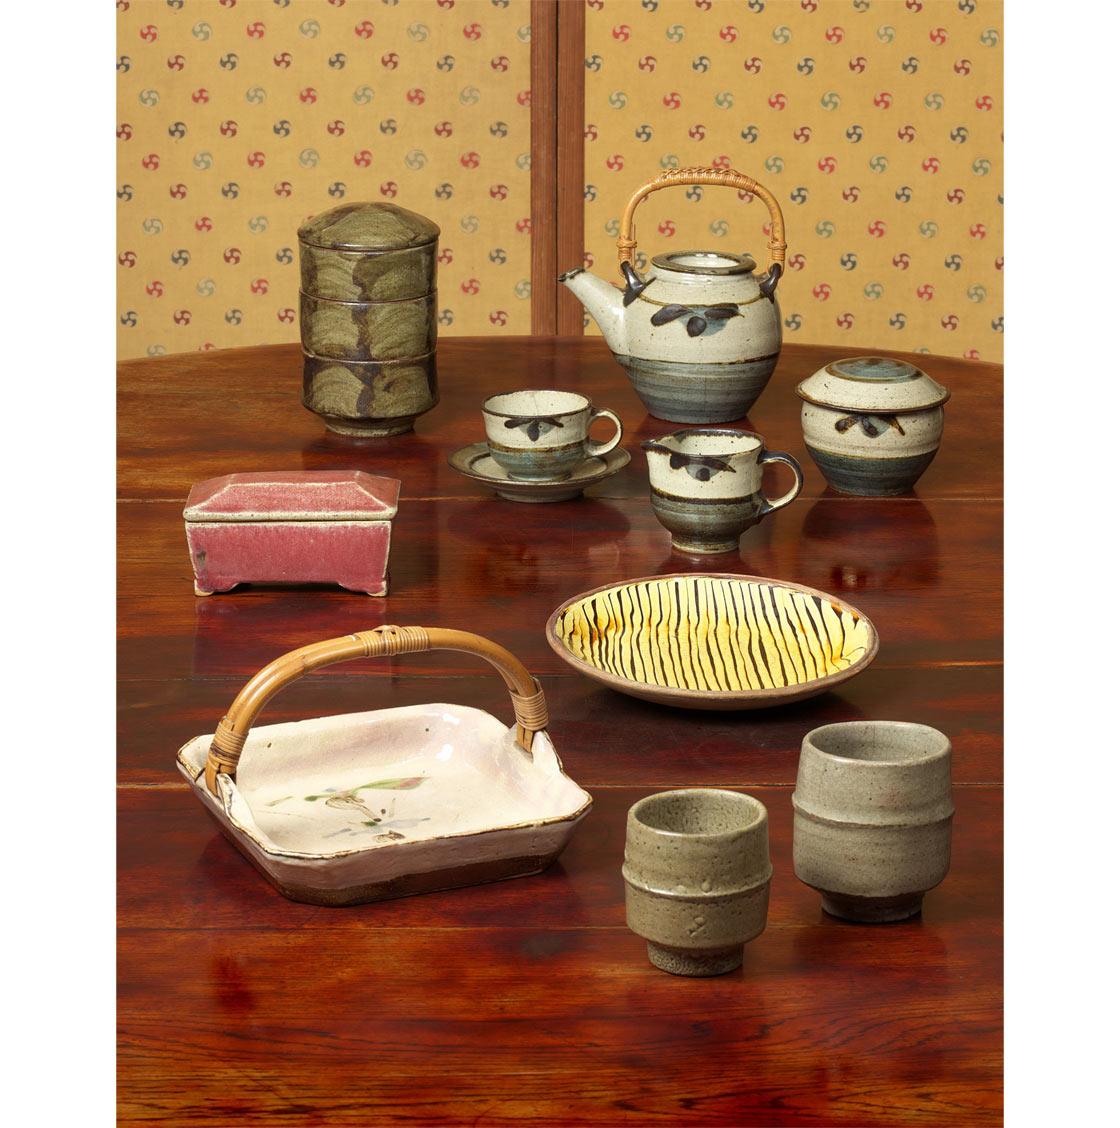 食の器 日本民藝館